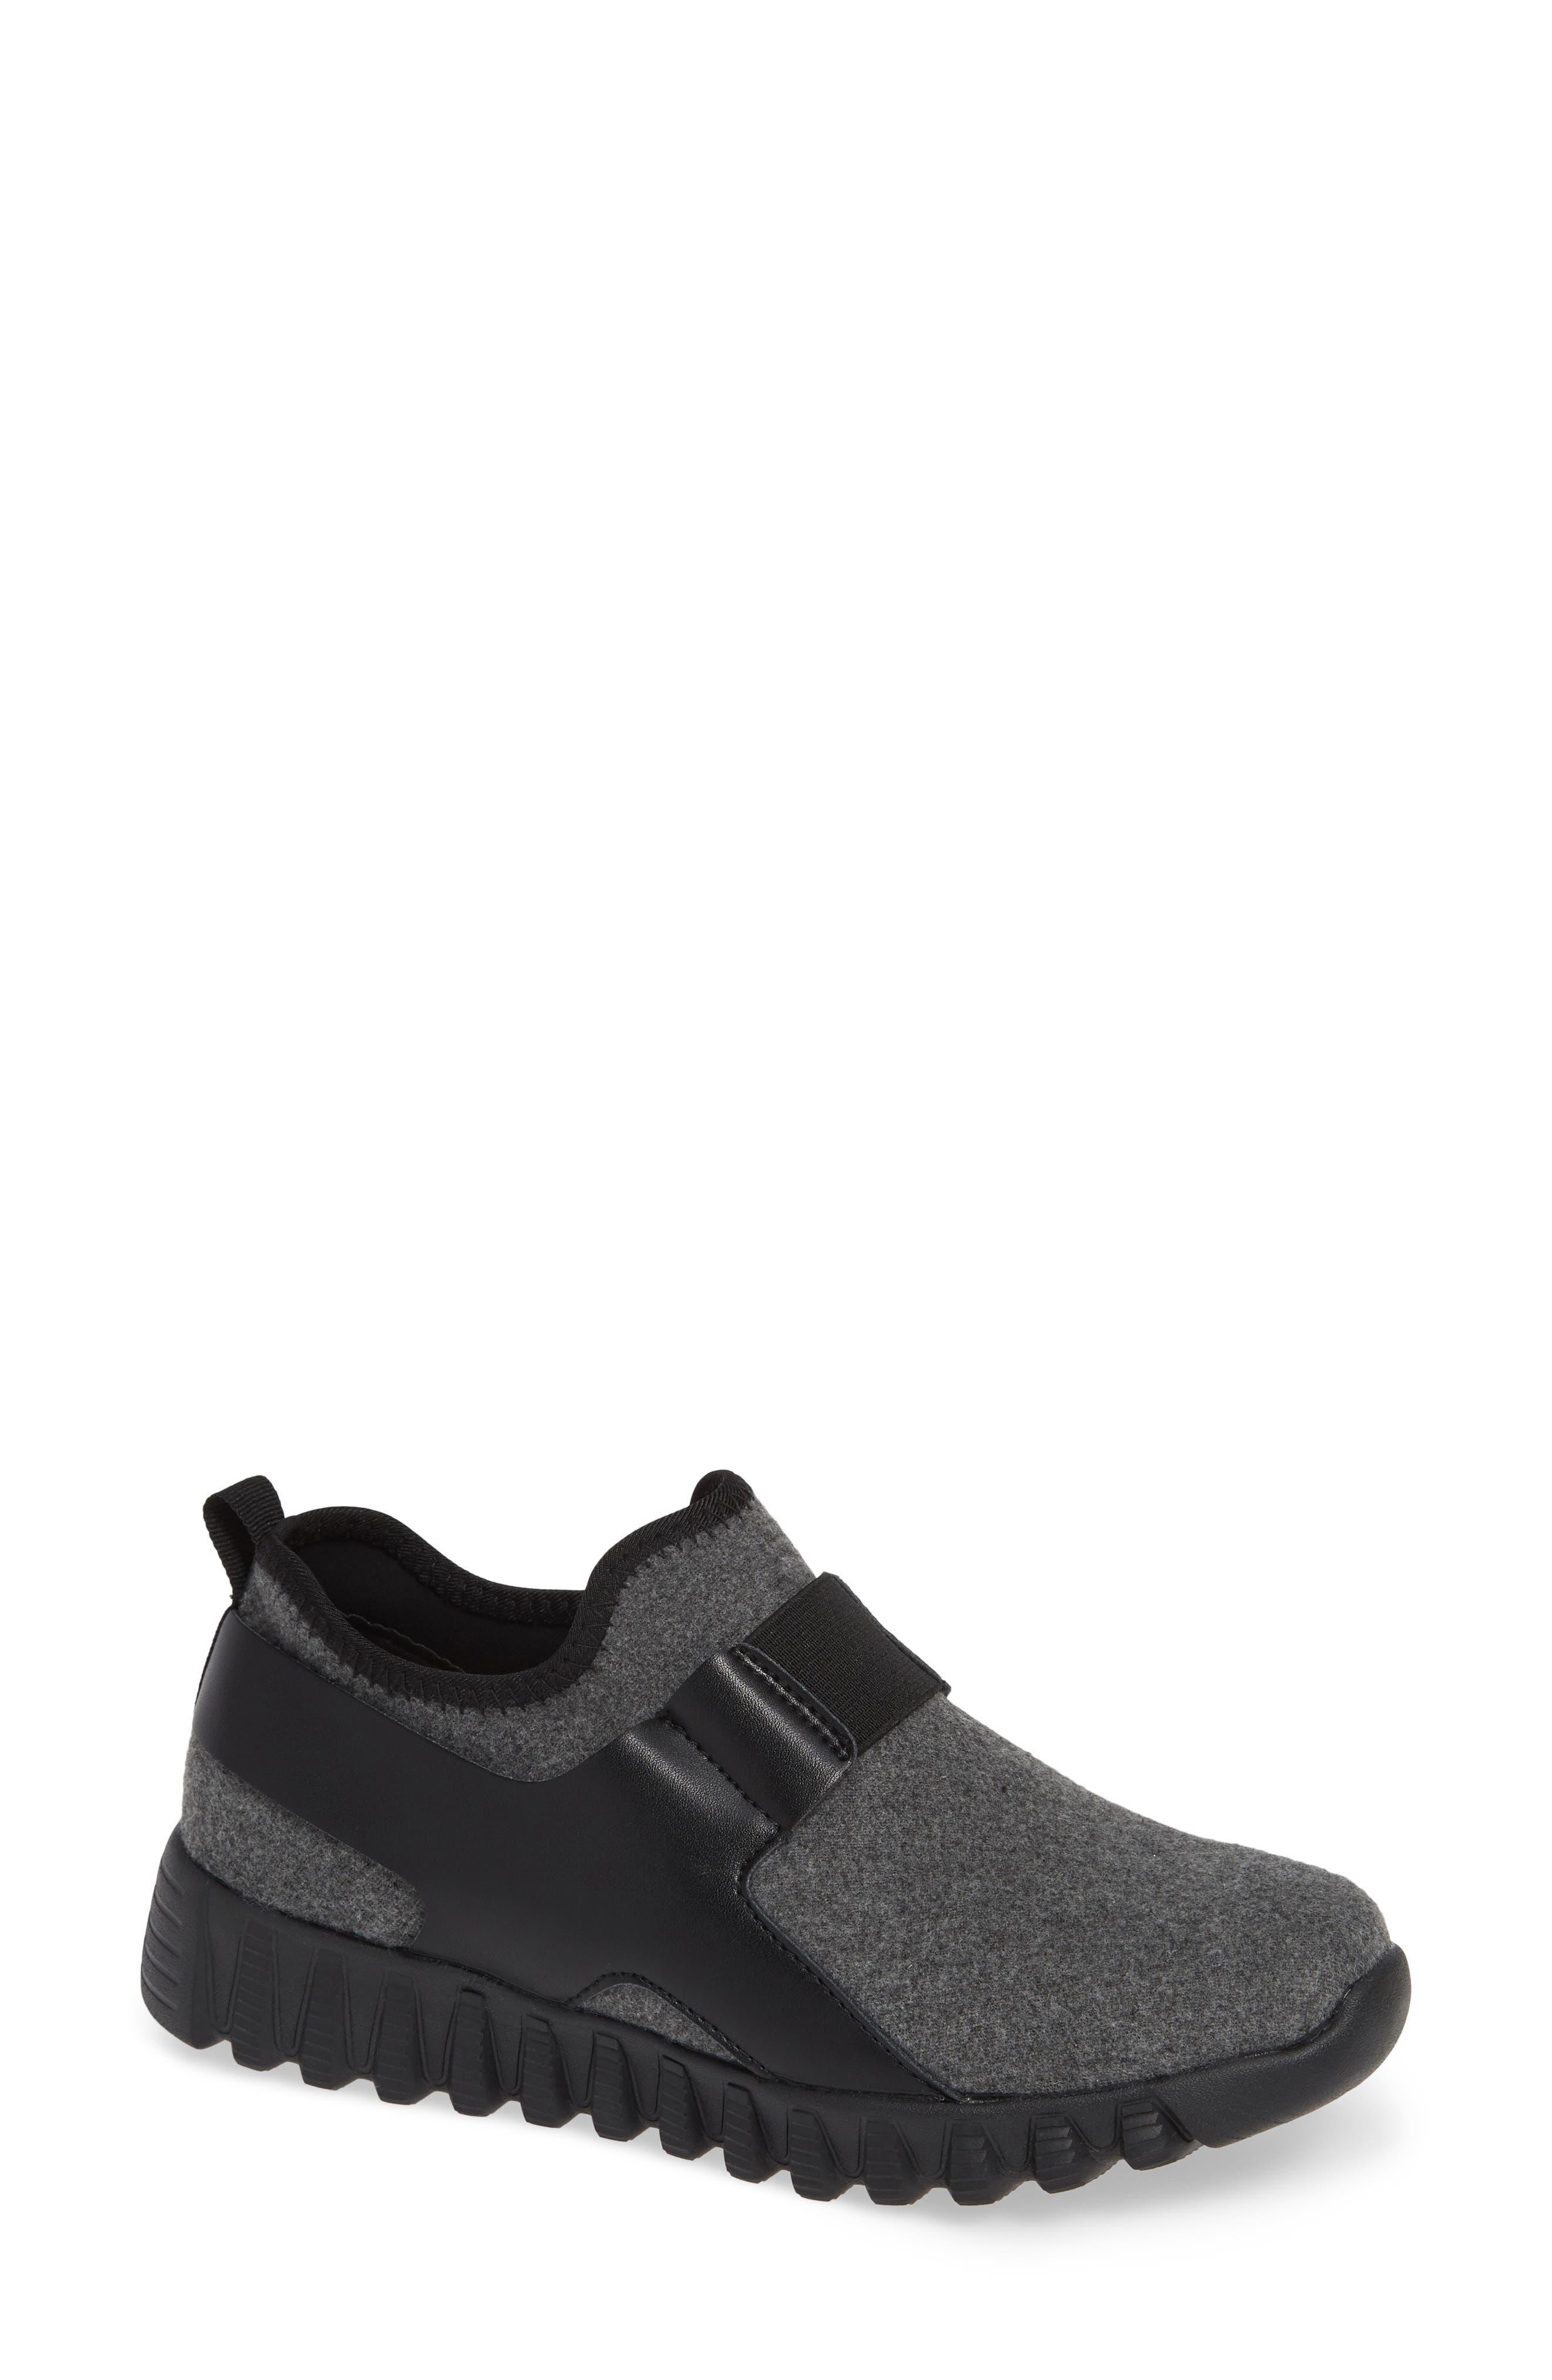 Bernie Mev. Glow Sneaker, Grey